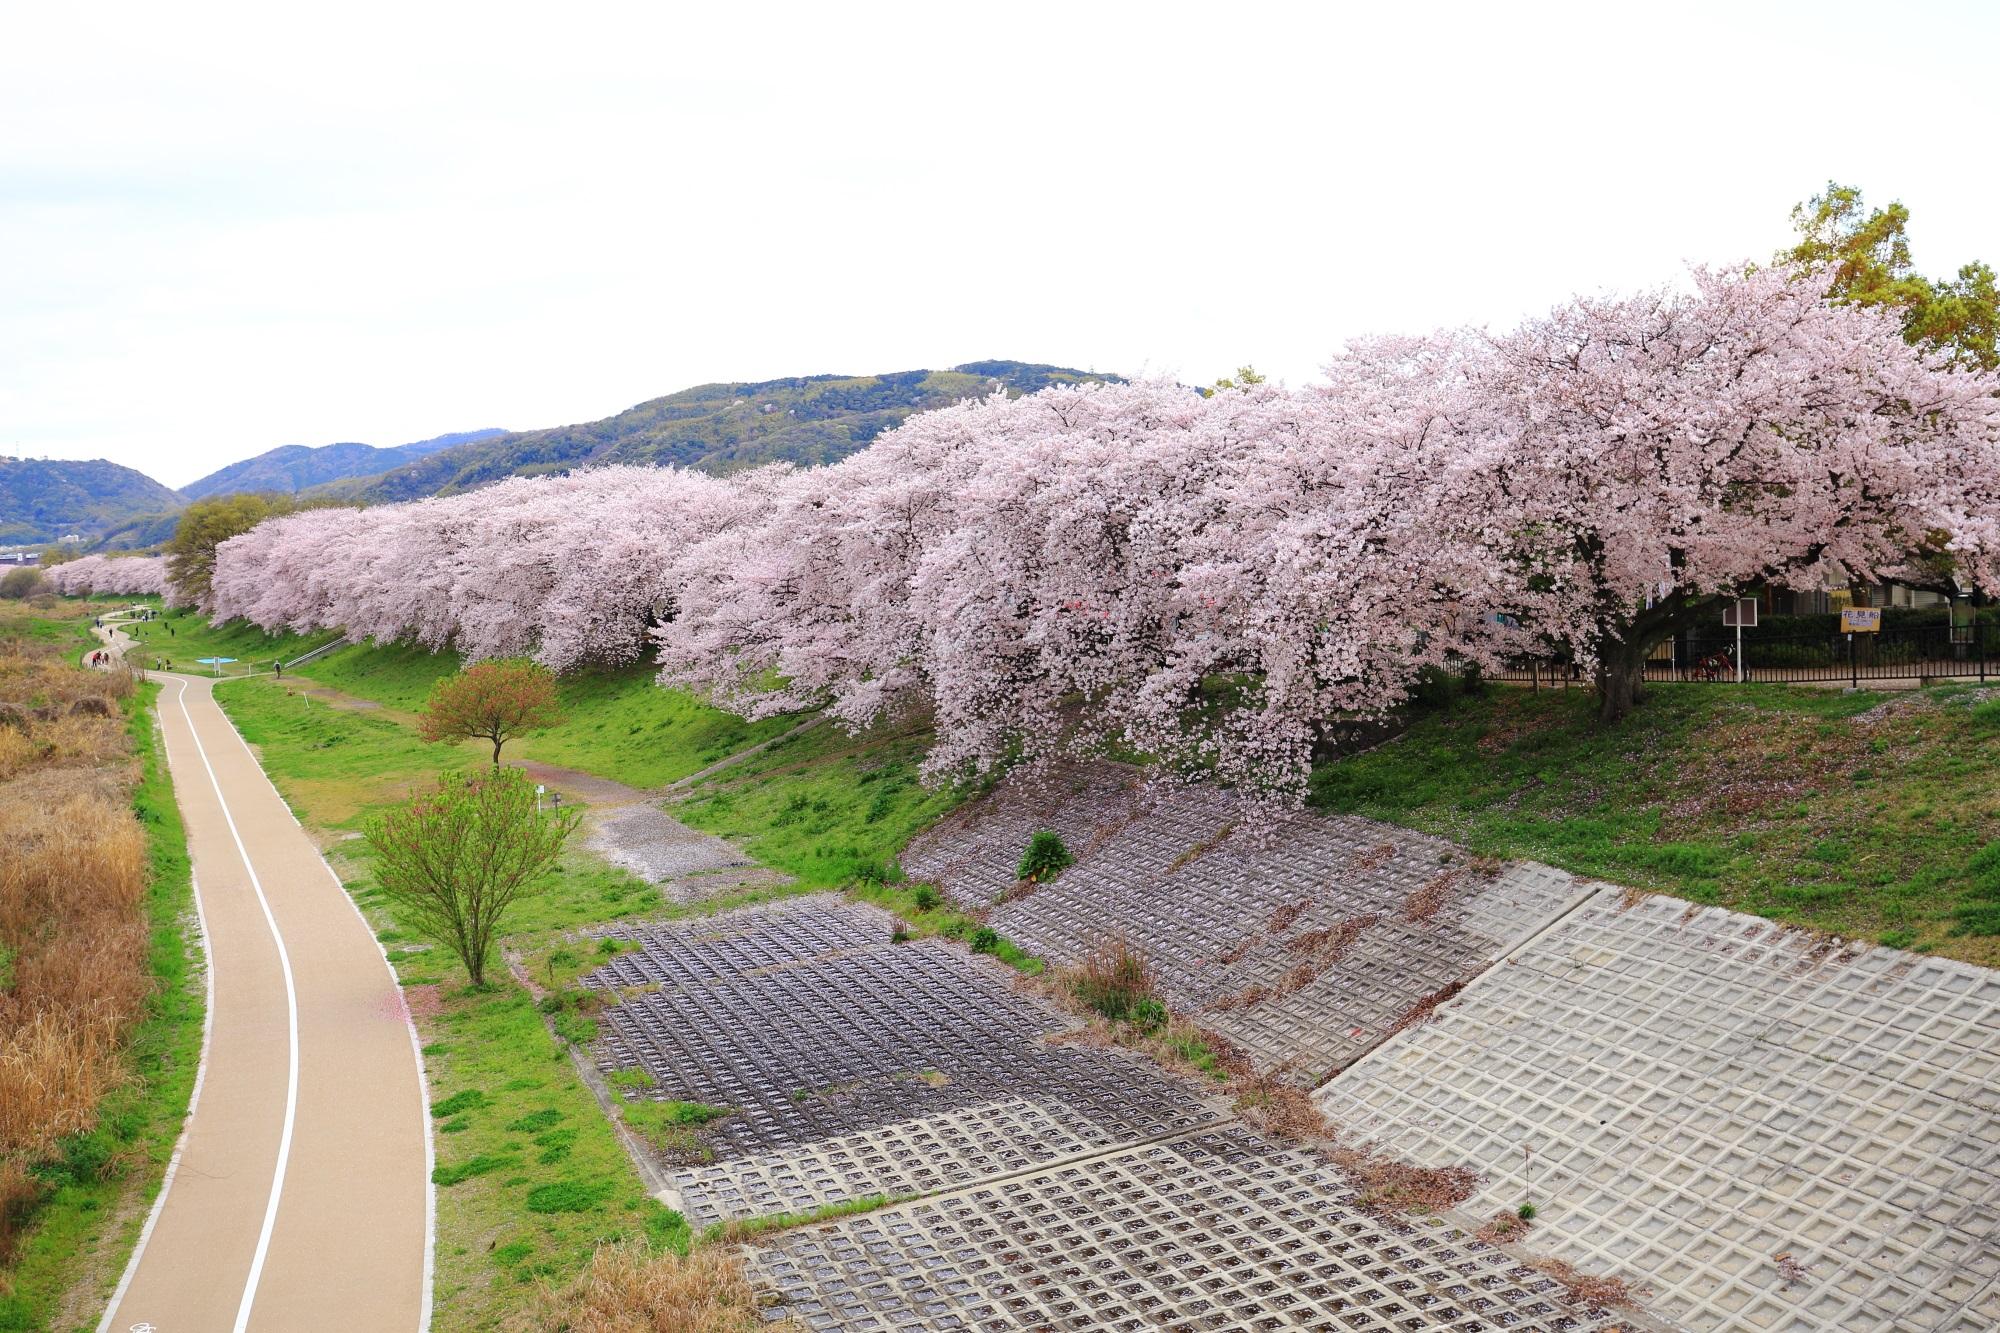 帰り際に橋の上から眺めた桜並木